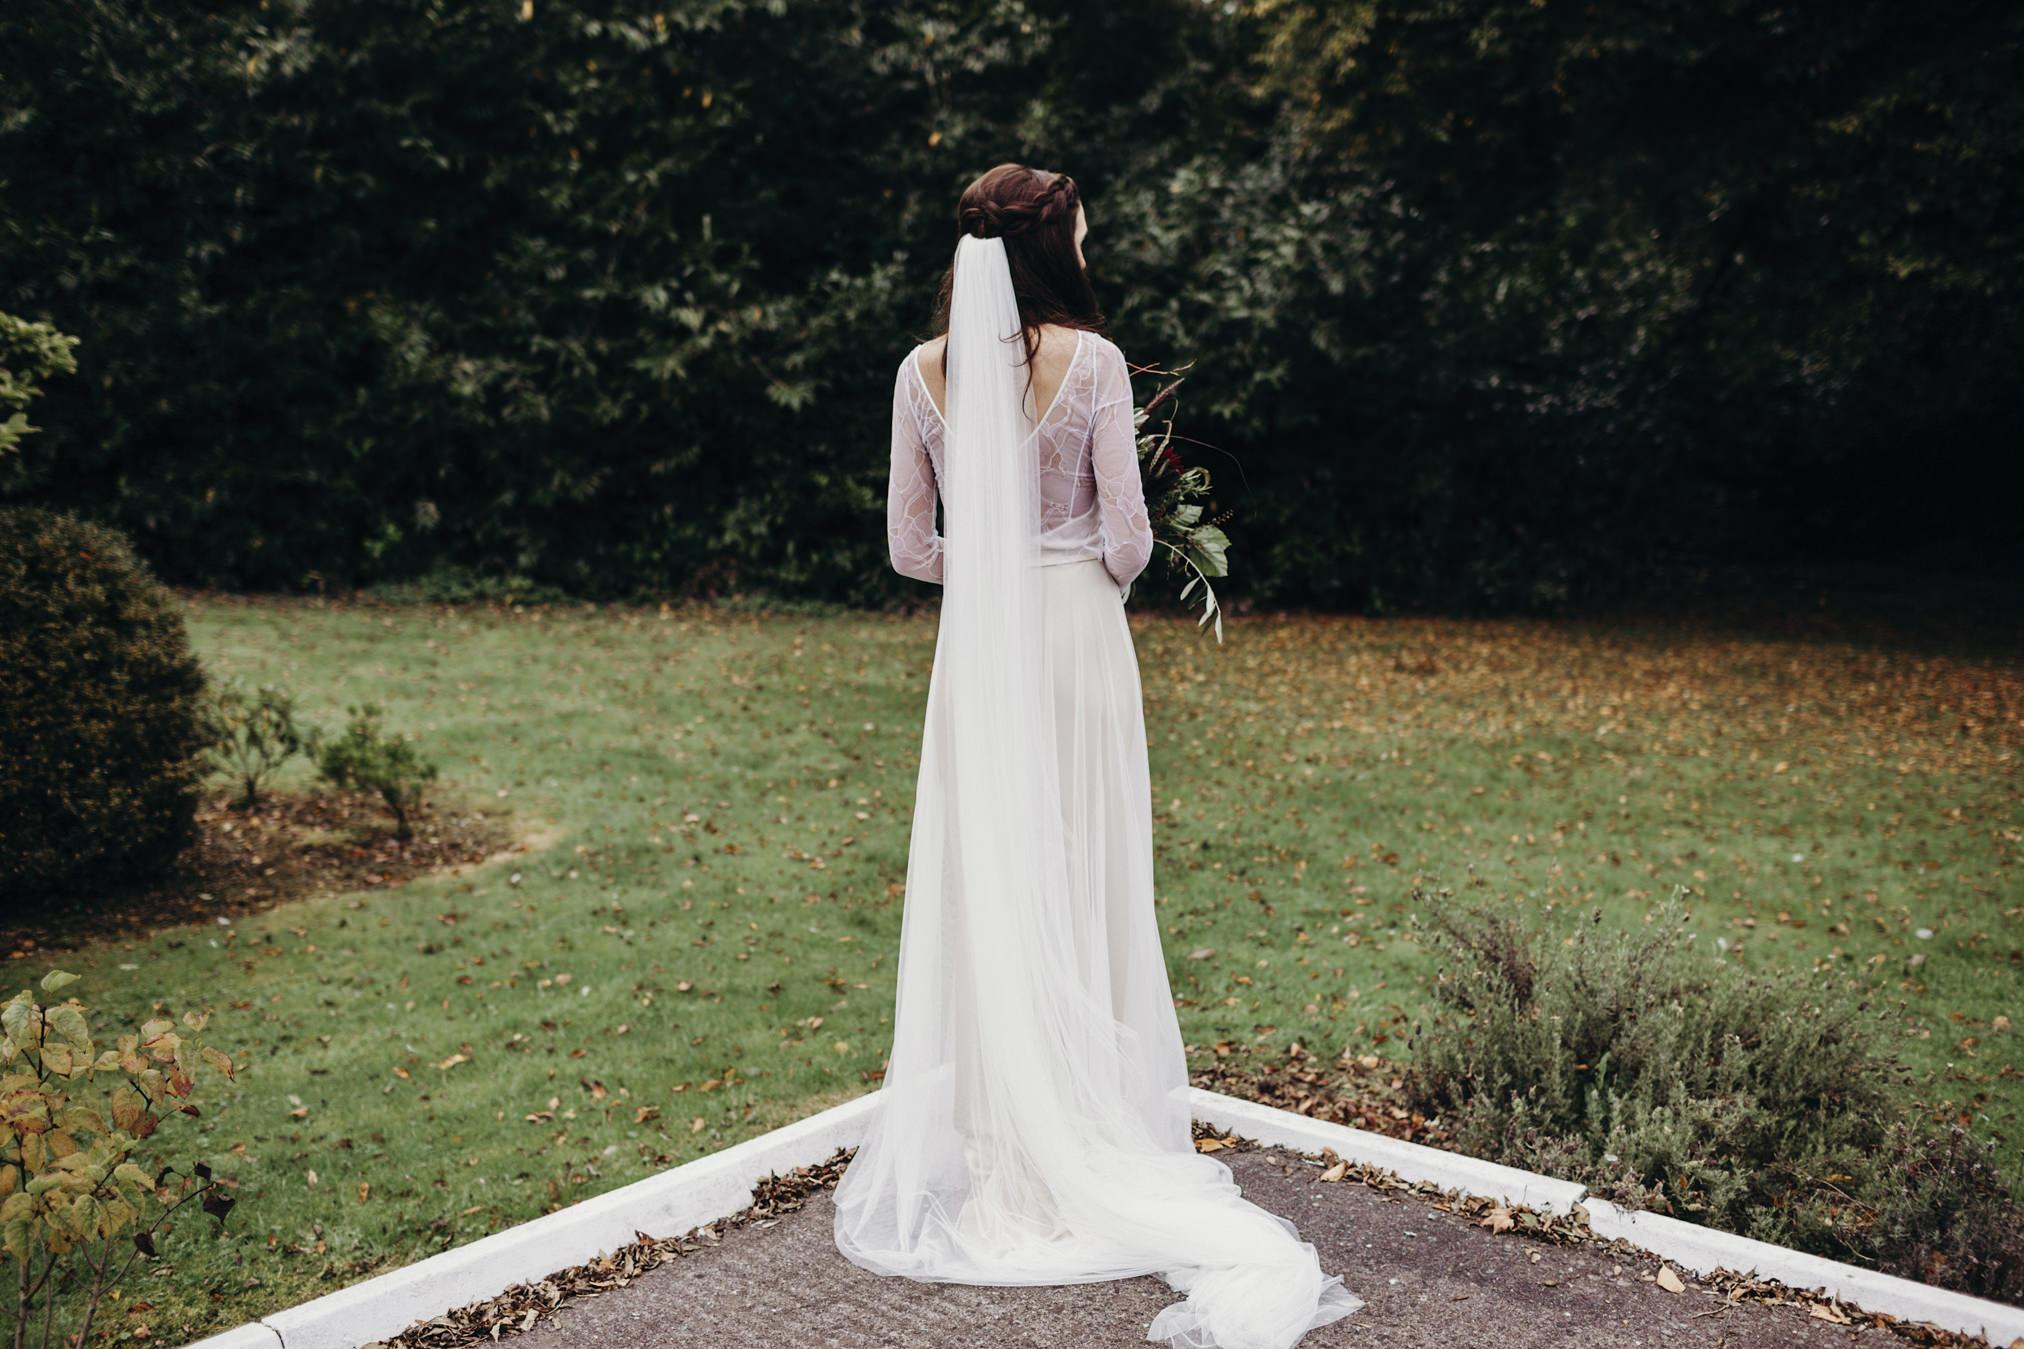 wedding photographer irelandGraciela Vilagudin Photography524.jpg